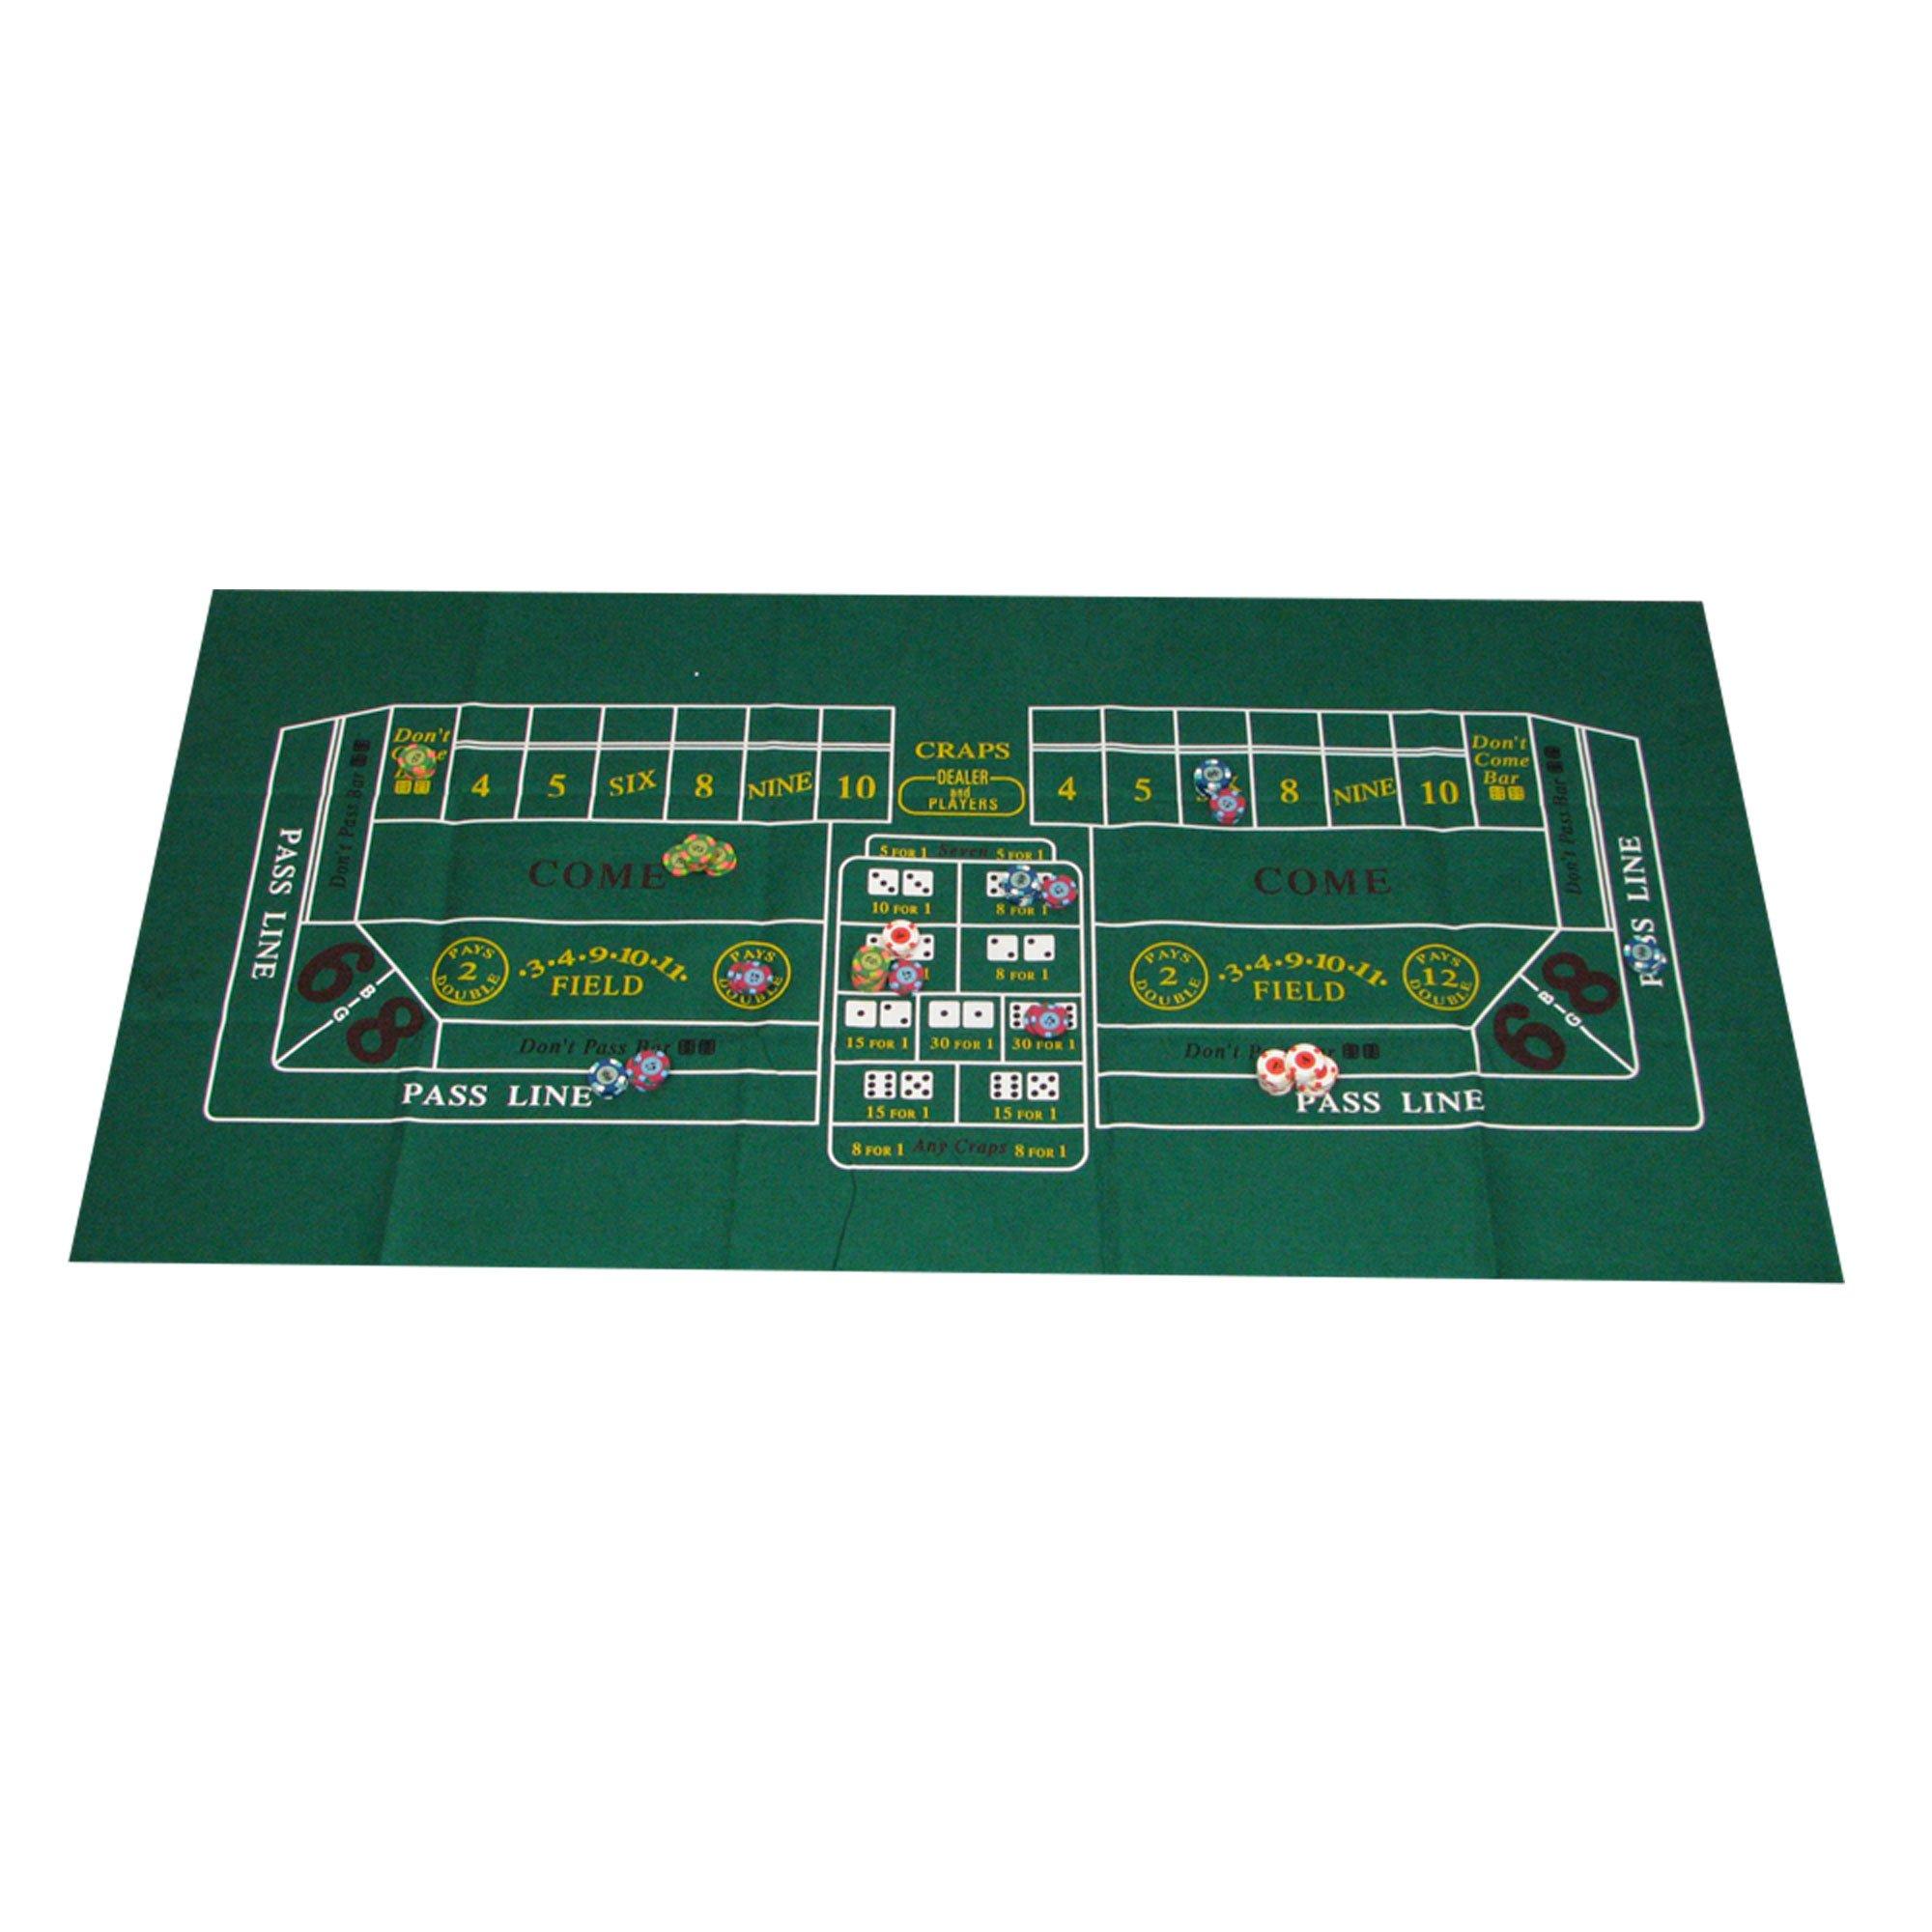 Trademark Poker Casino Craps Layout, 24x48-Inch